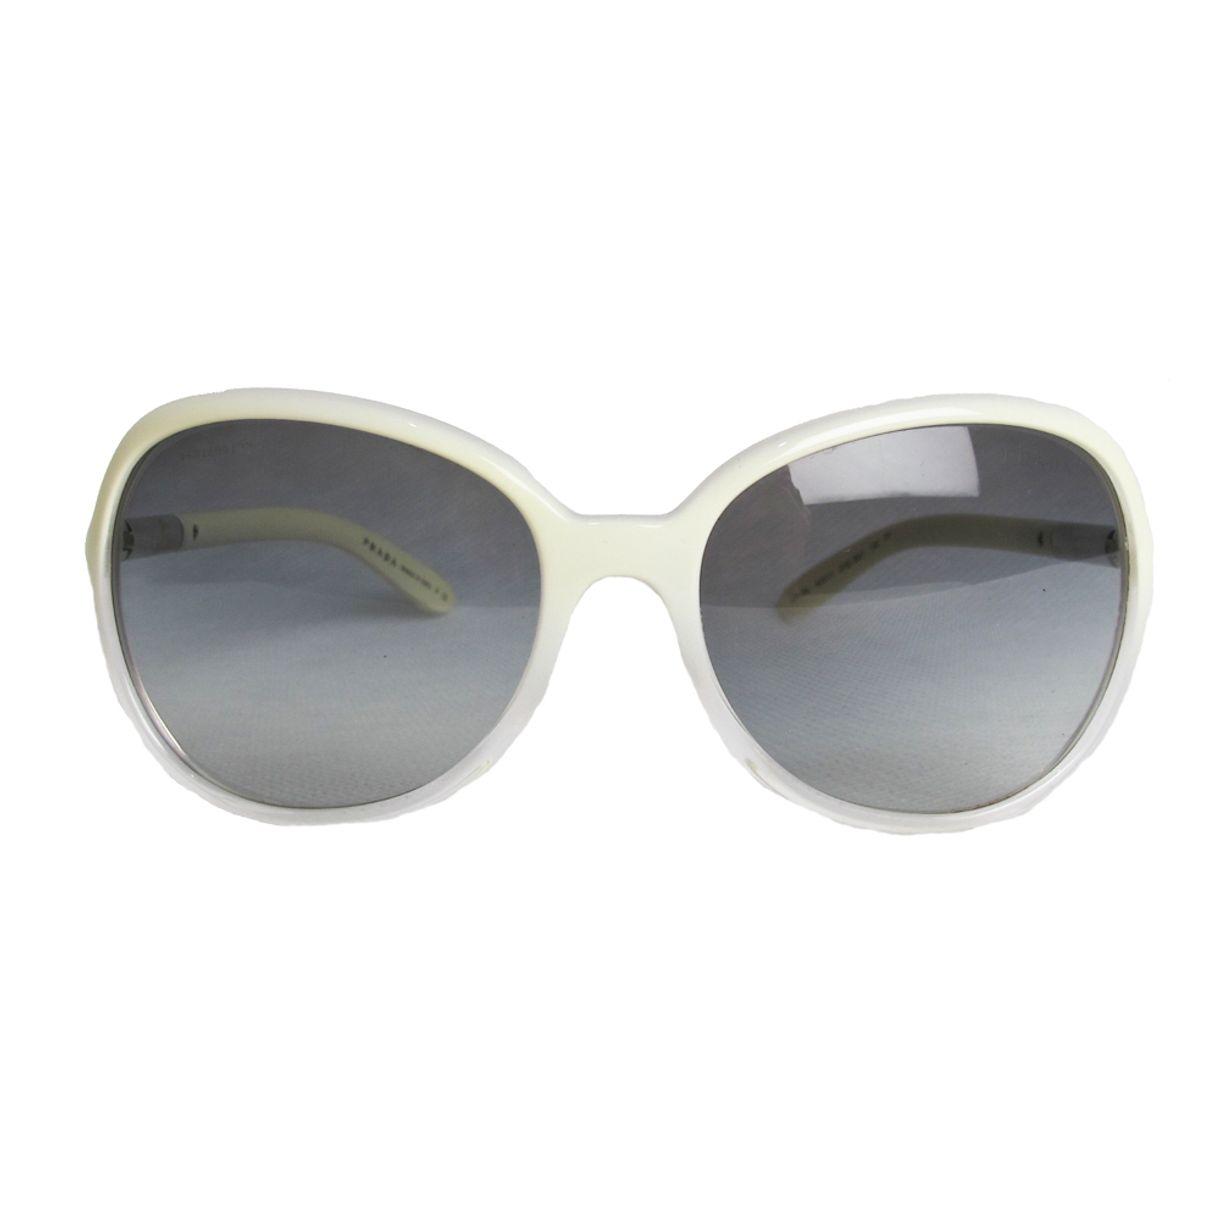 Oculos-Prada-Degrade-White